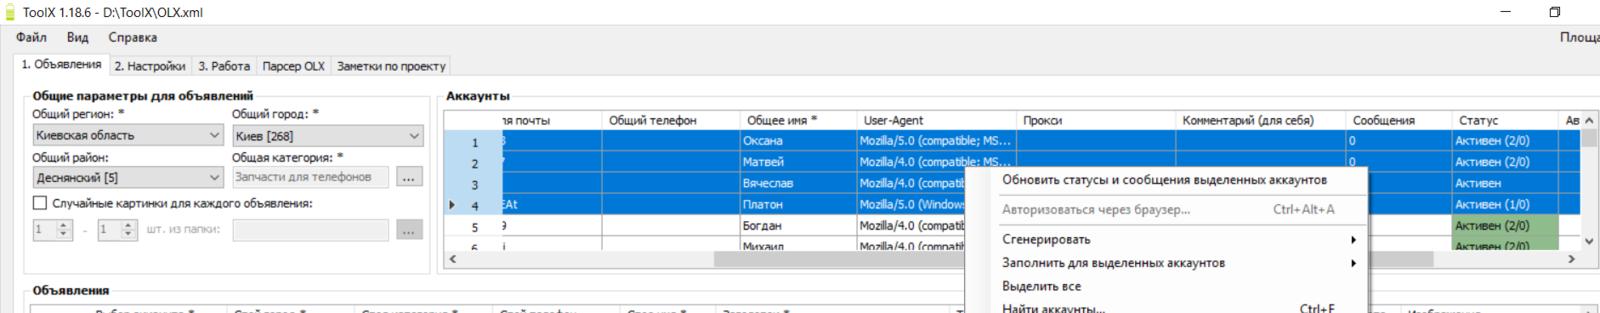 ToolX - программа для постинга объявлений на OLX